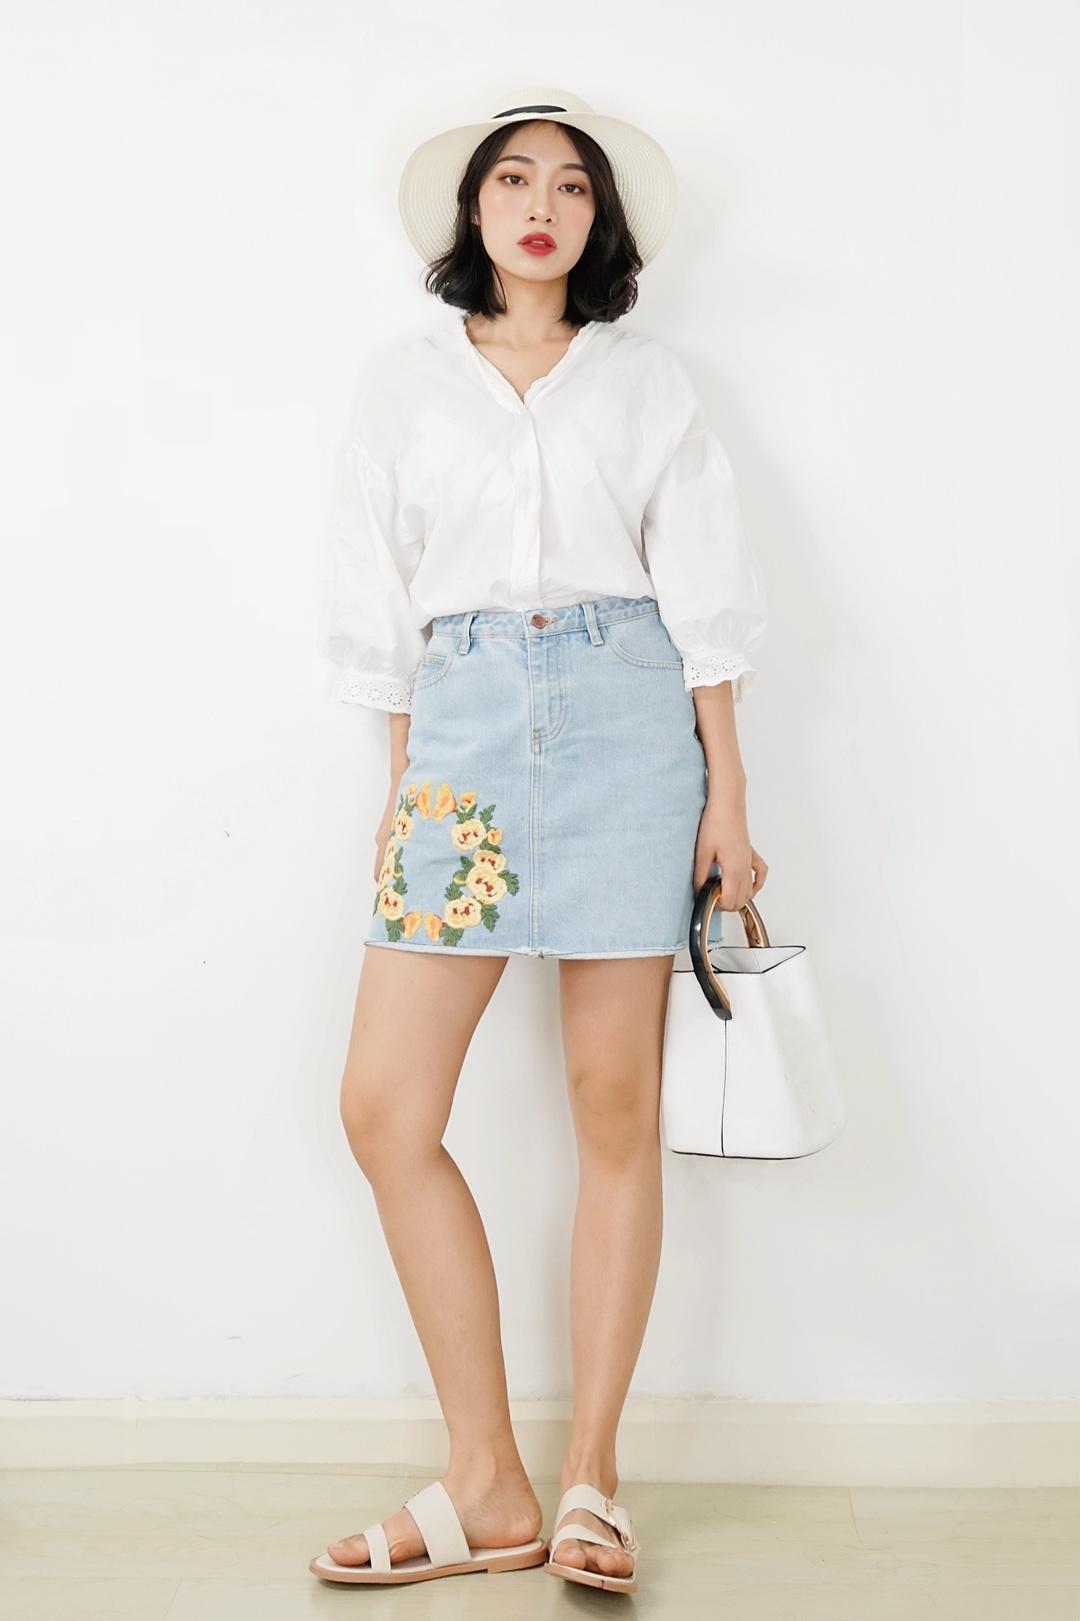 #美裙上线,承包一夏的仙气#